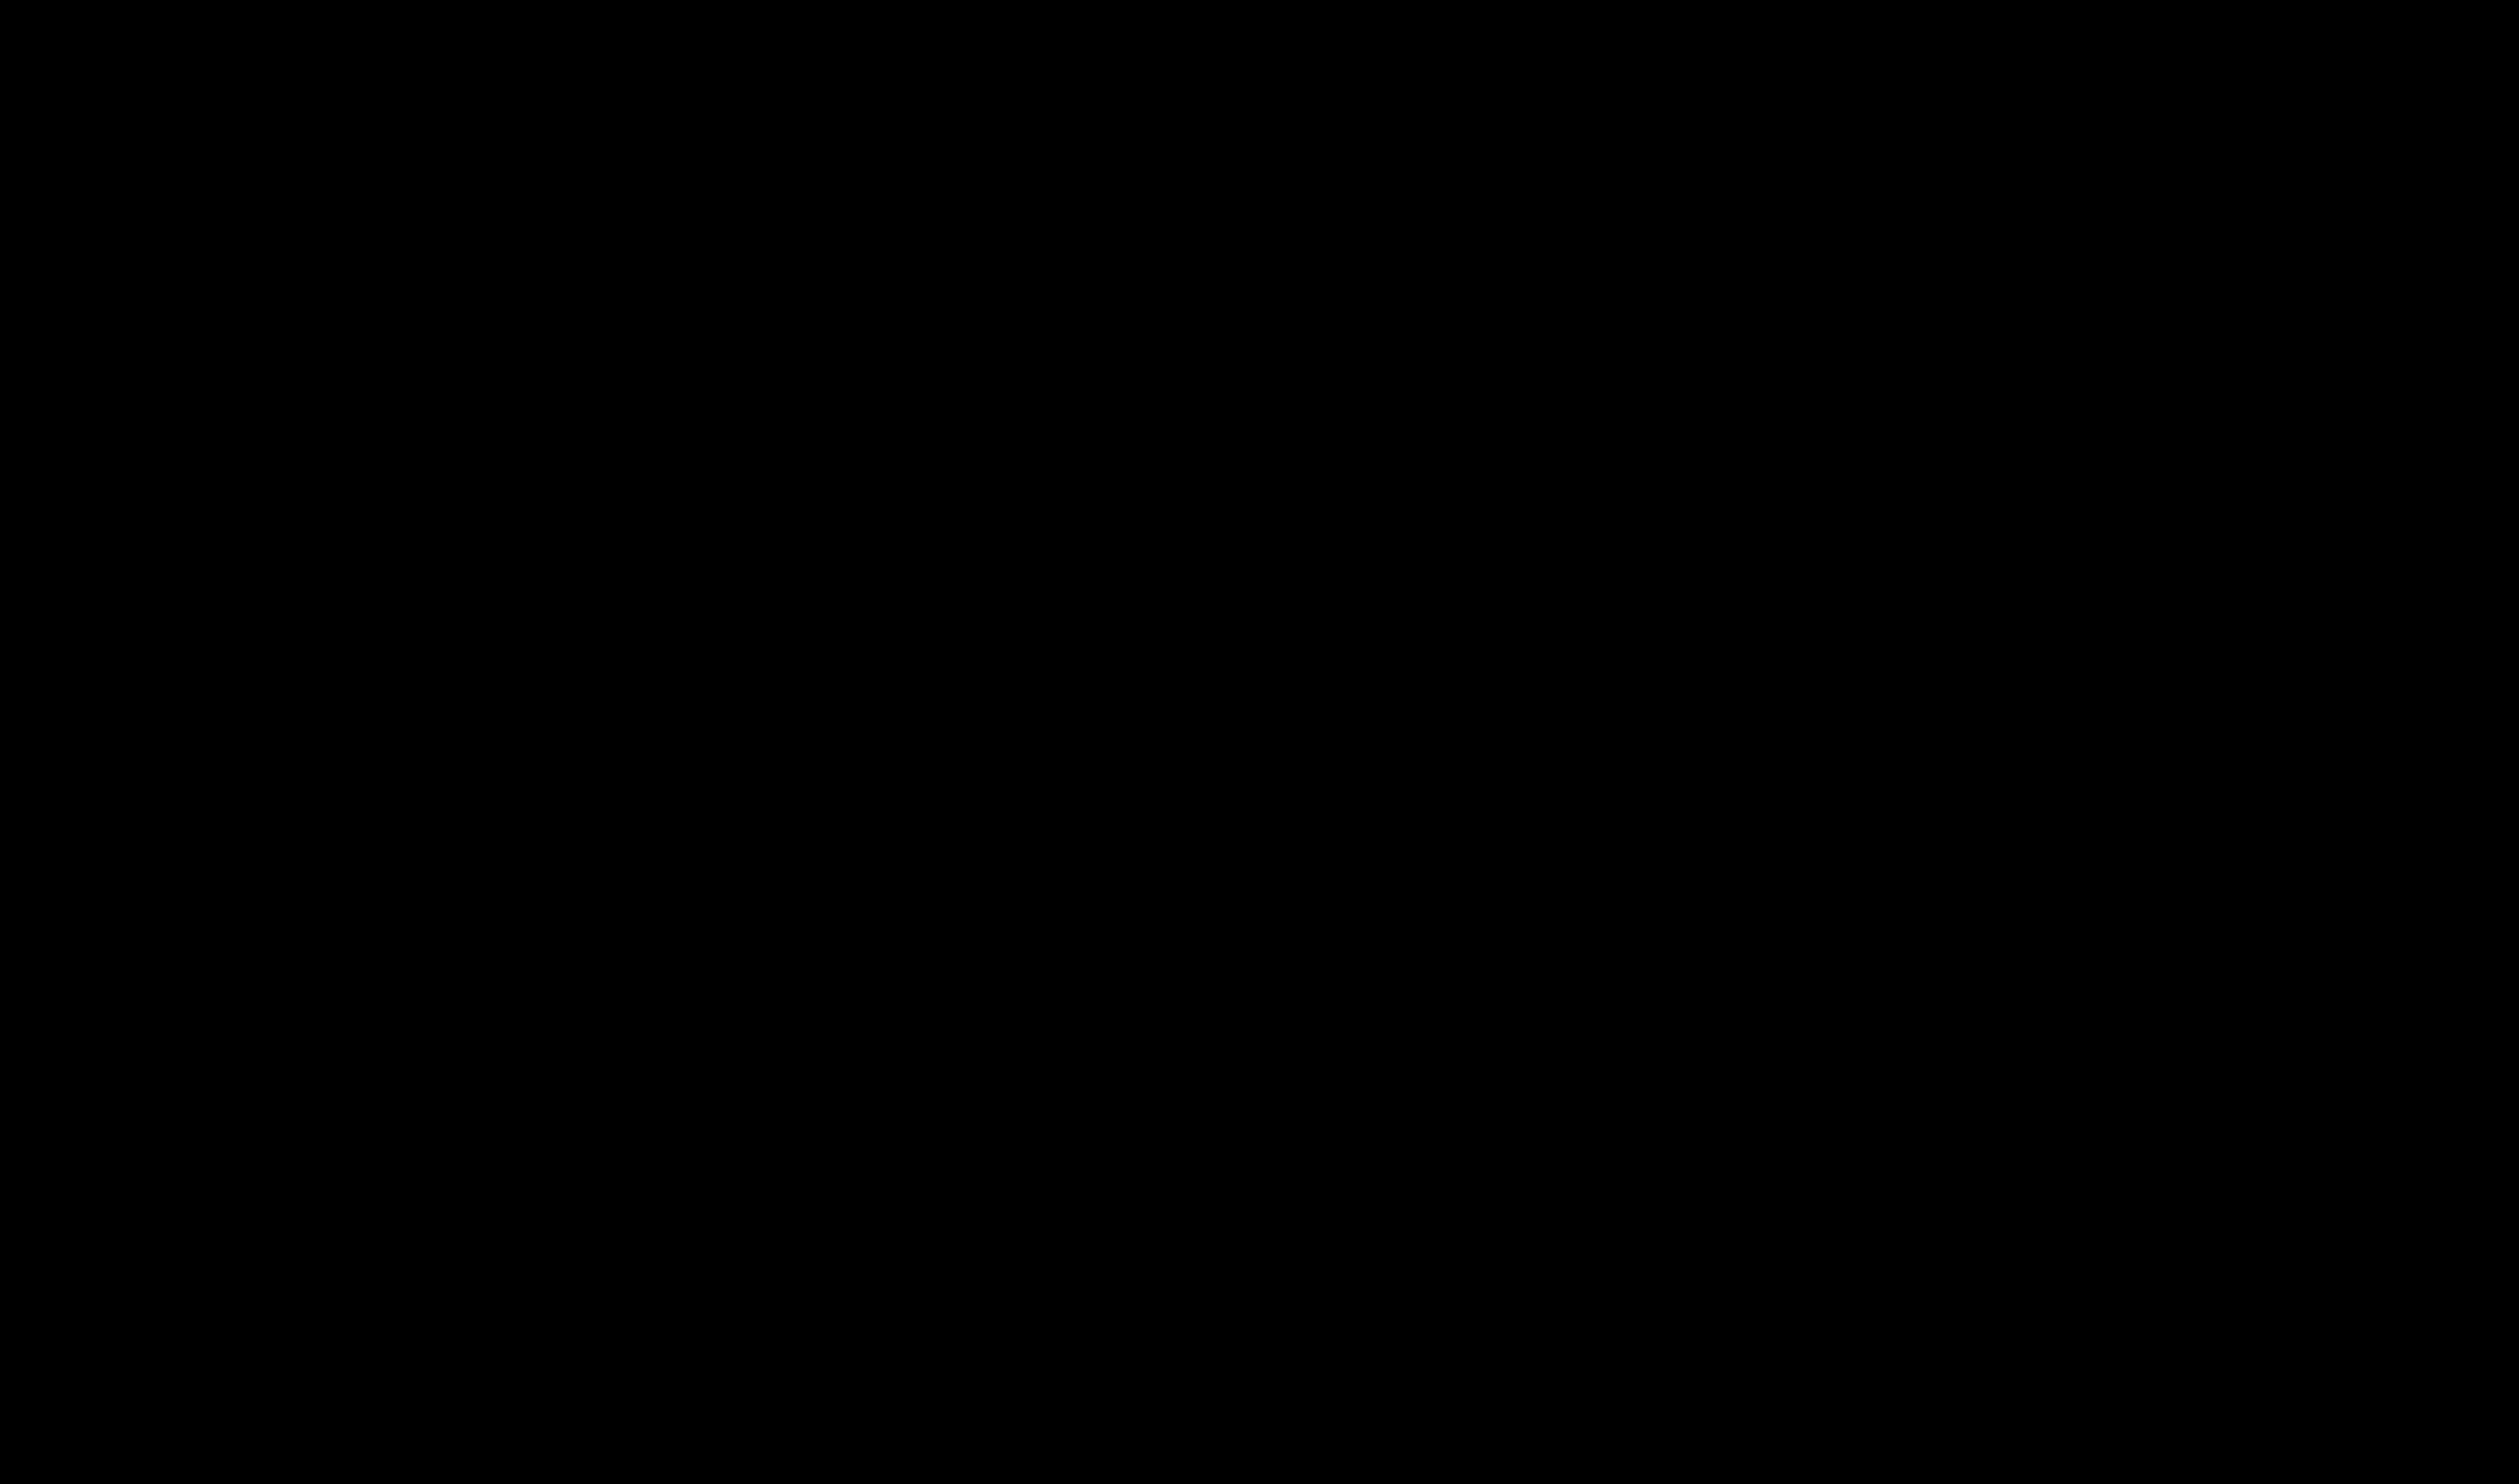 Global Tourism Forum İstanbul'da Gerçekleşti